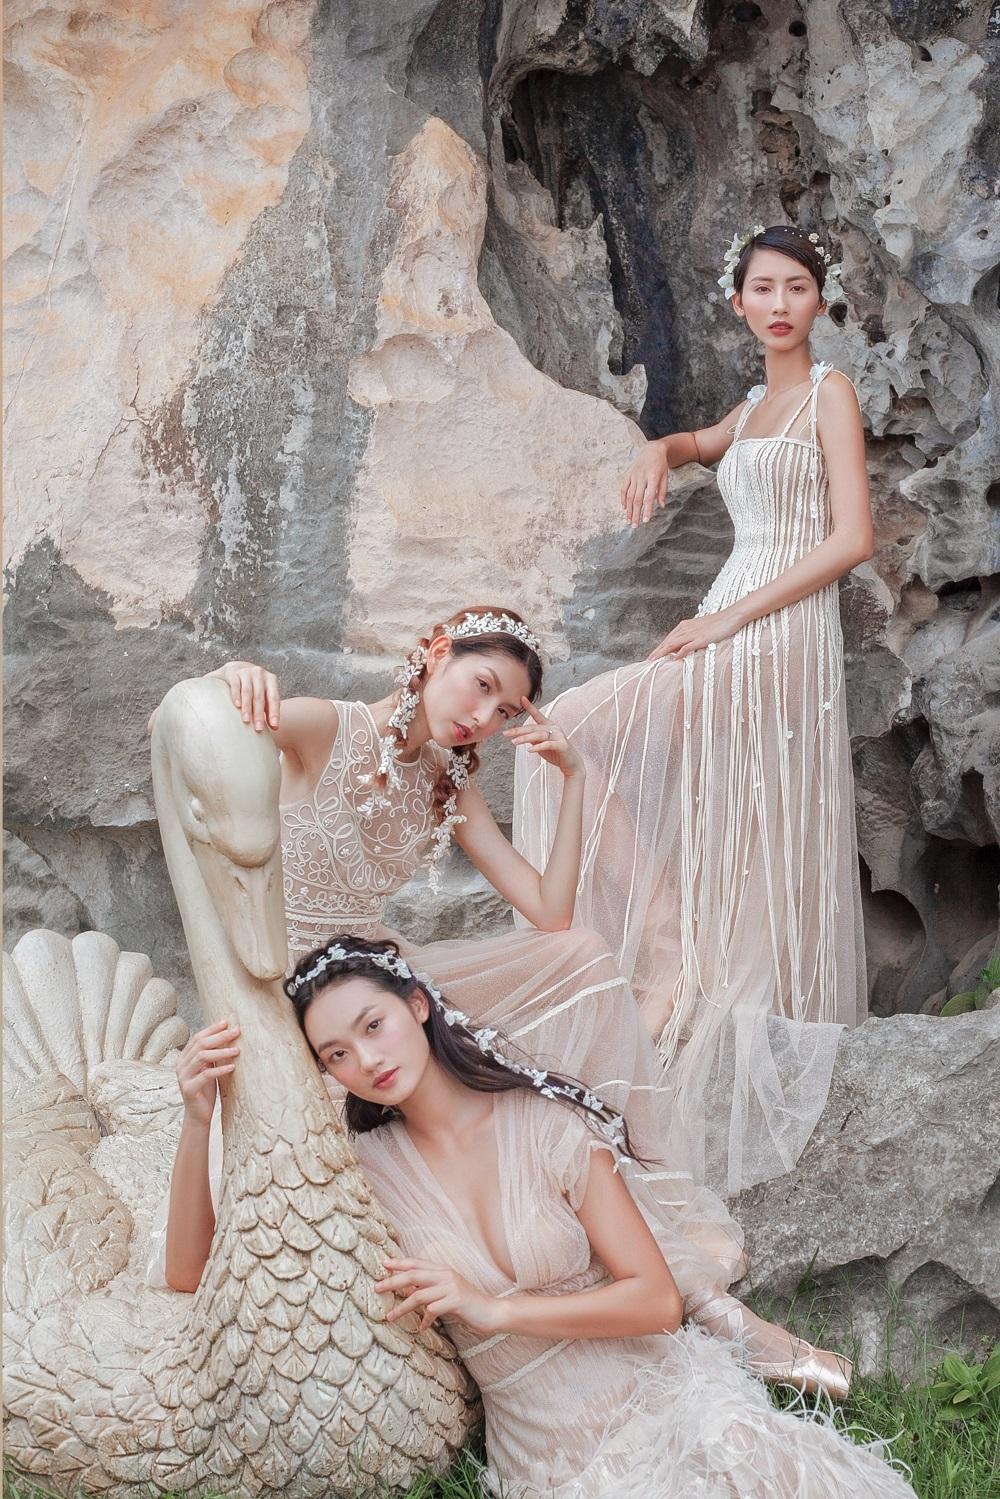 Thùy Dương, Hằng Nguyễn, Quỳnh Anh khoe dáng gợi cảm dù không hở bạo Ảnh 2